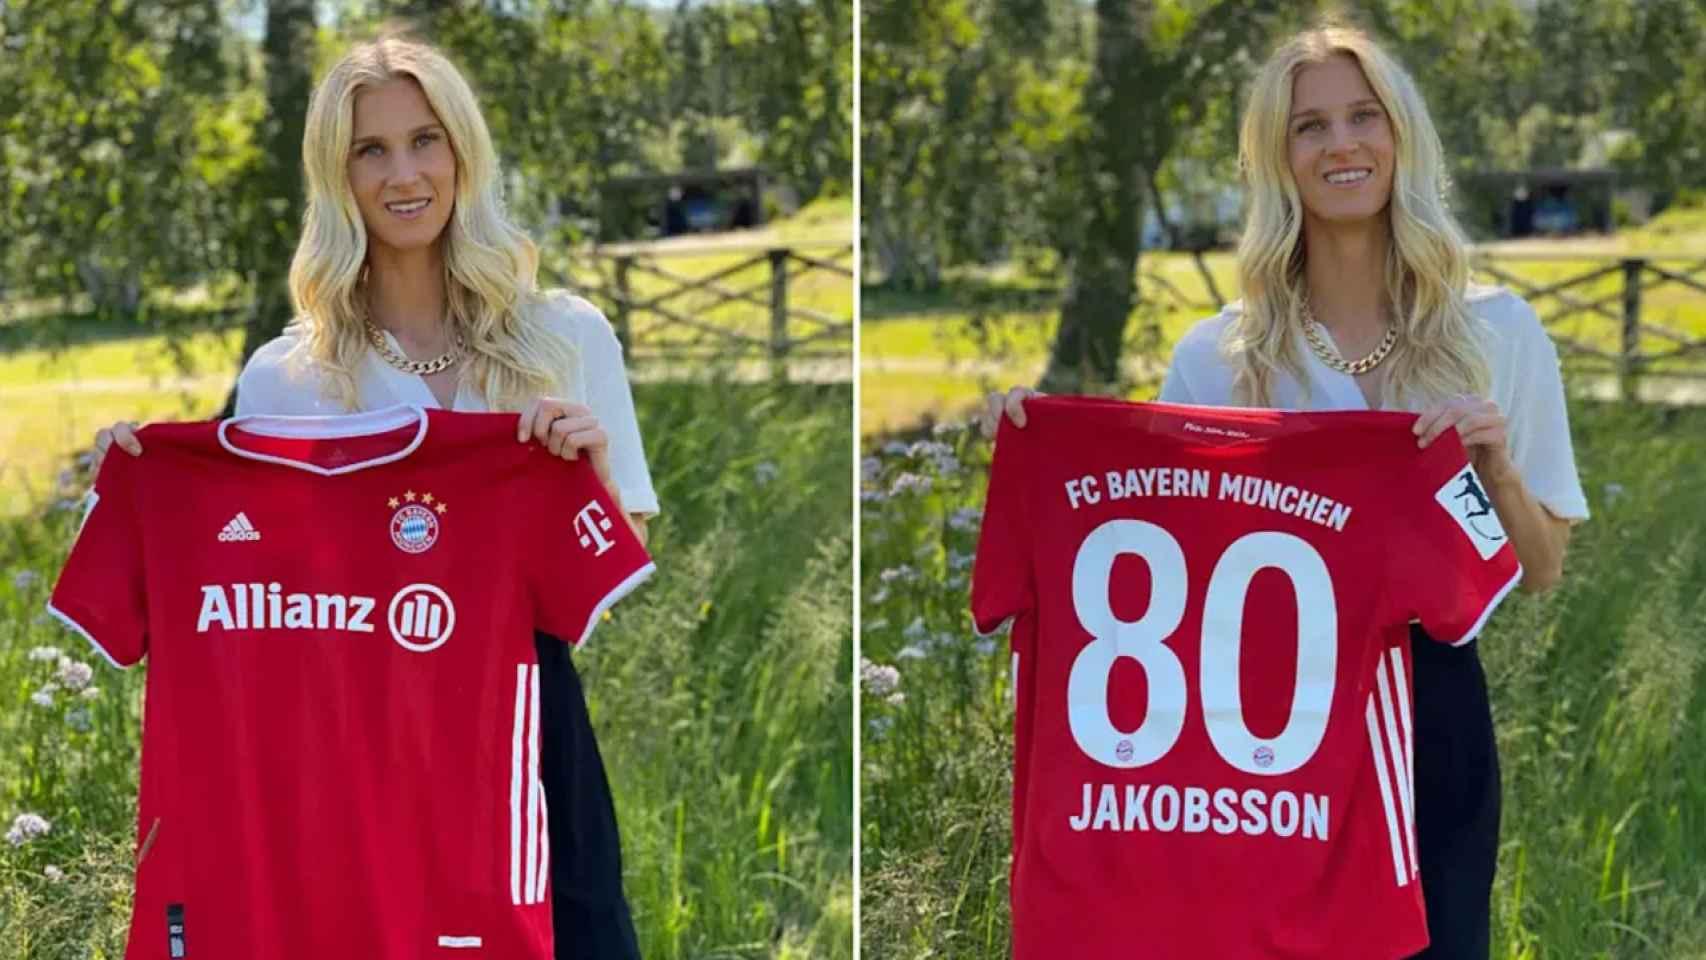 Sofia Jakobsson posando con la camiseta del Bayern Múnich